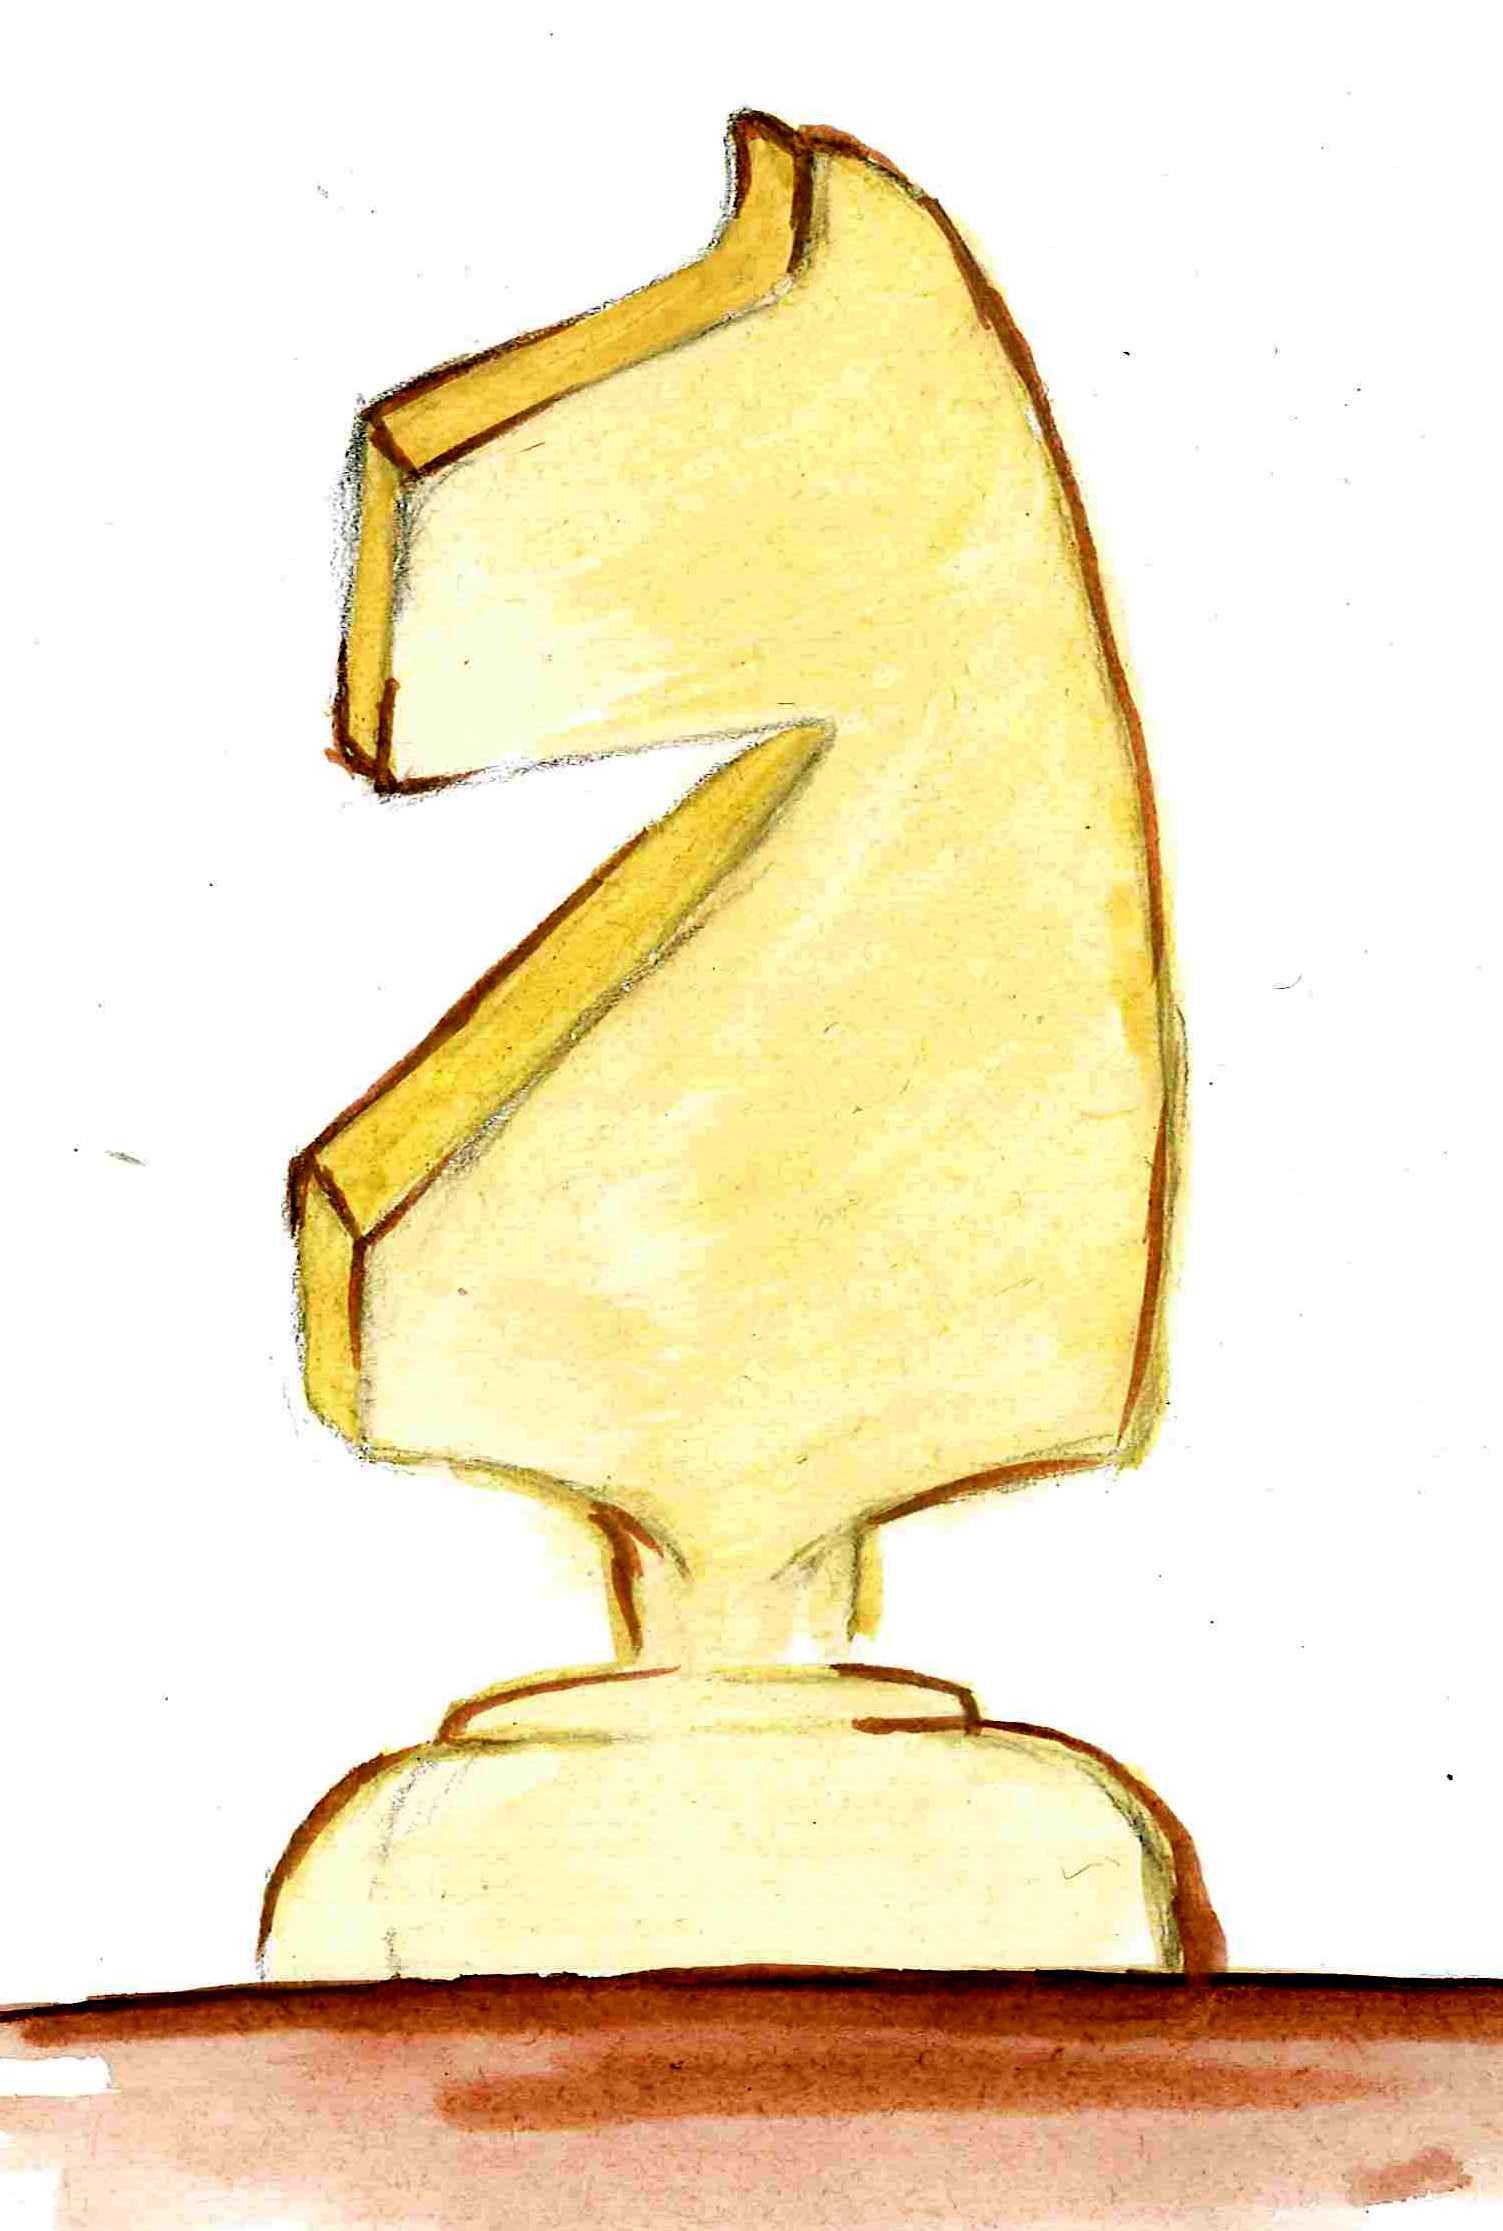 Natalia Bednarczyk, rysunek, skoczek szachowy, szachowa bierka, figura, Gimnazjum nr 13 we Wrocławiu, przedmiot szachy, nauka szachów, lekcje szachowe, pierwszy krok w szachach, uczennica,